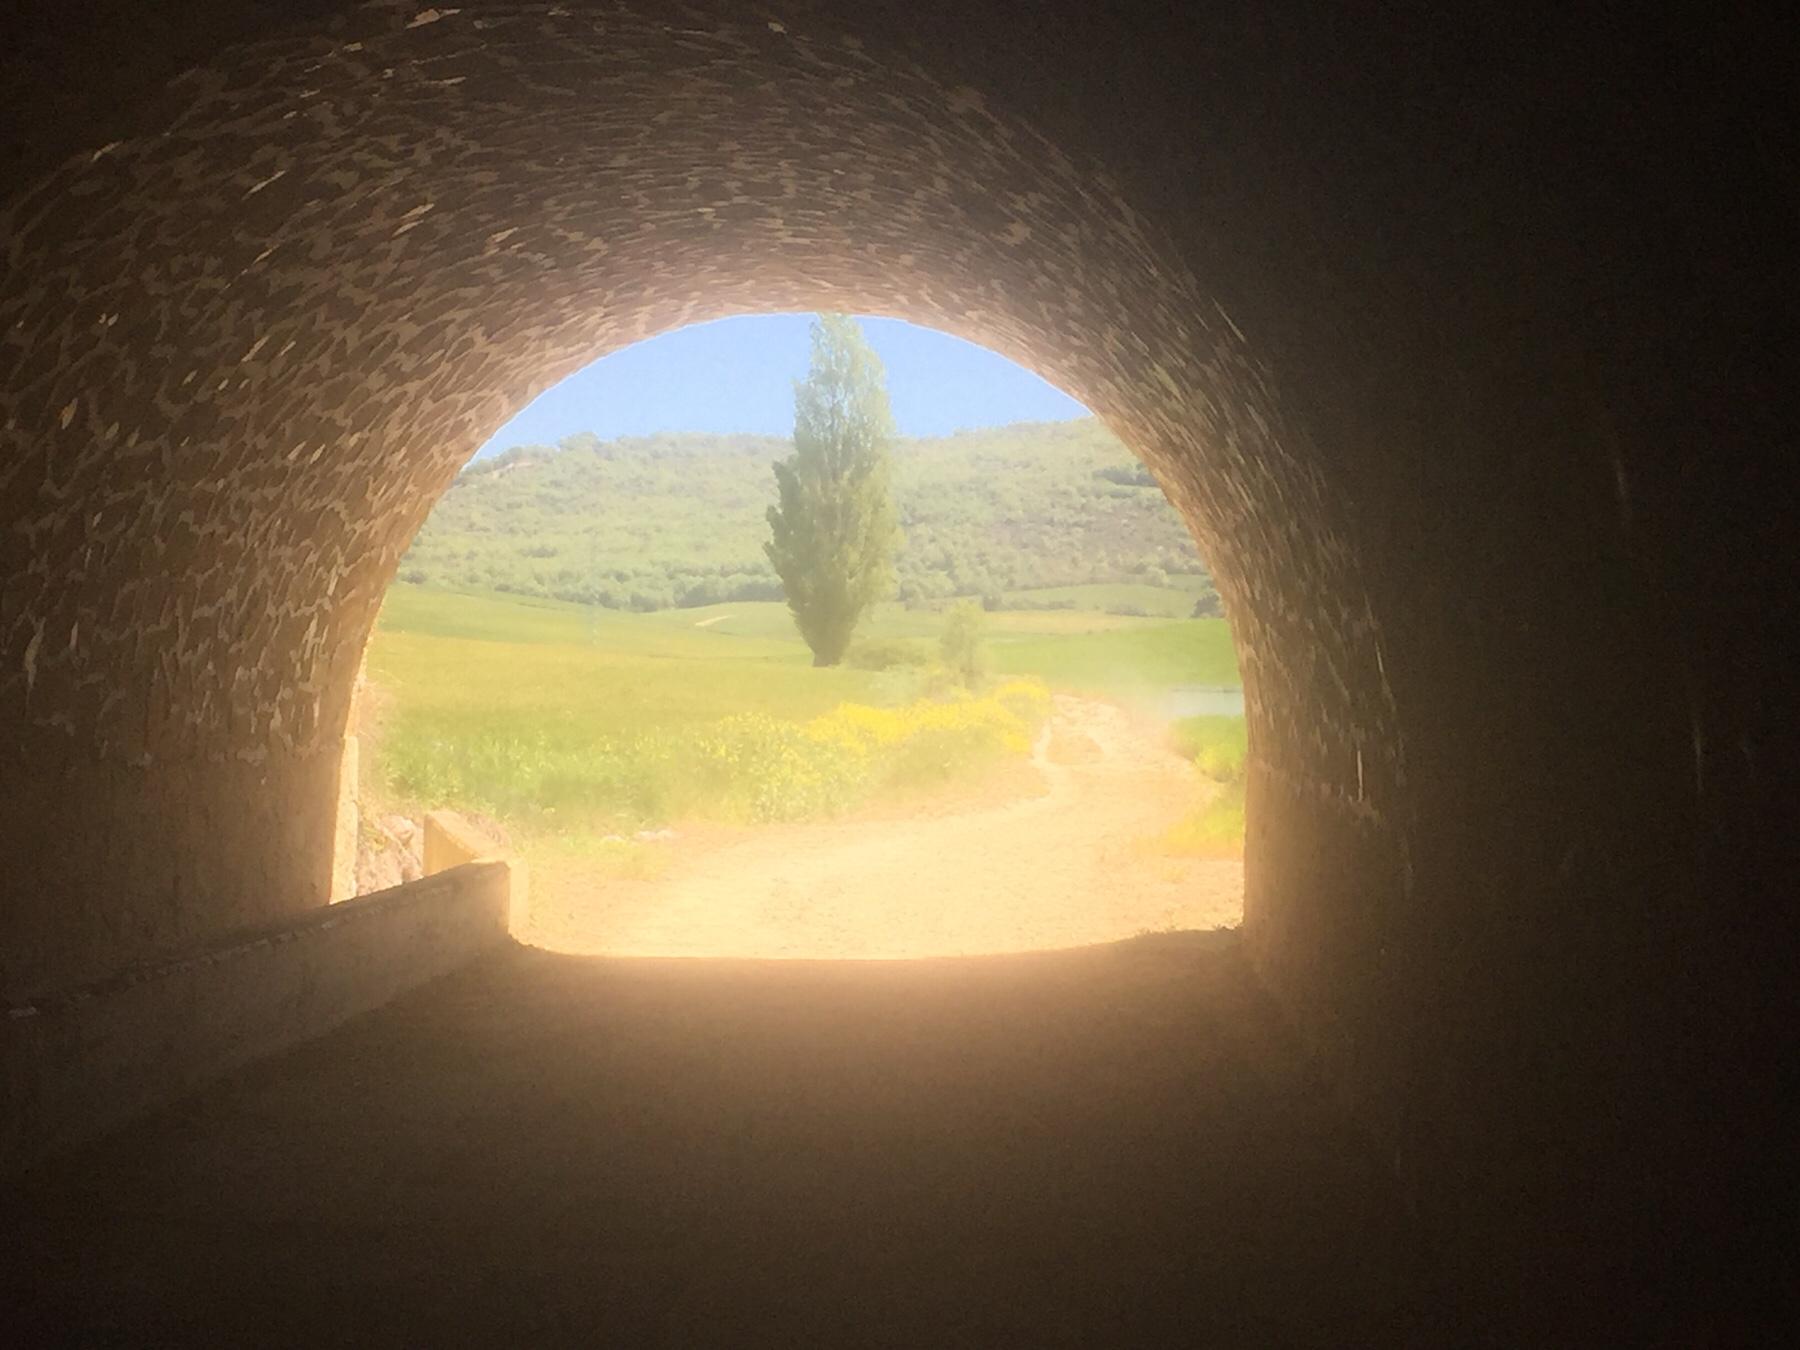 Freiheit am Ende des Tunnels